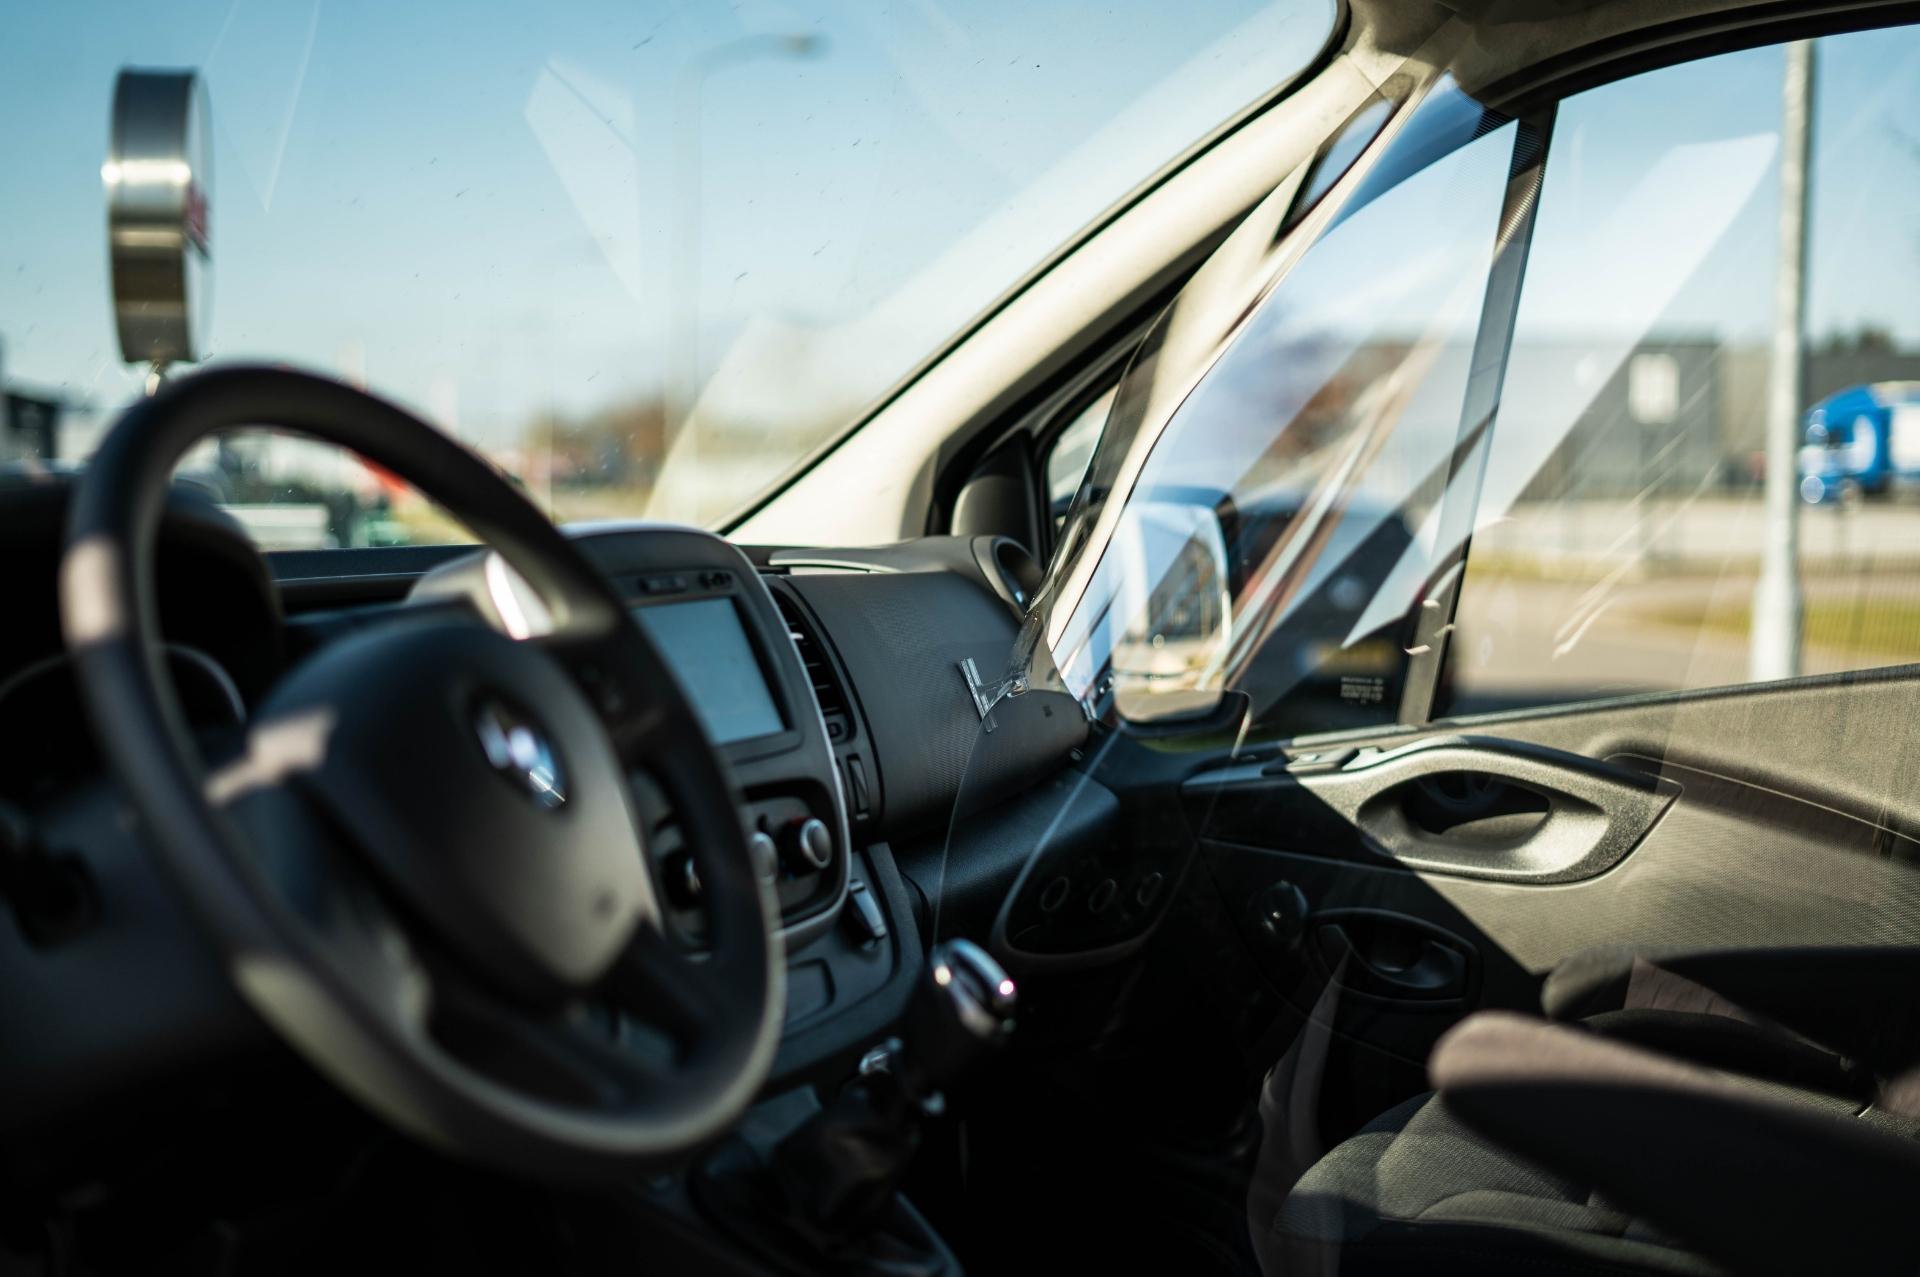 Systell referencje od klientów - BMW Dobrzański